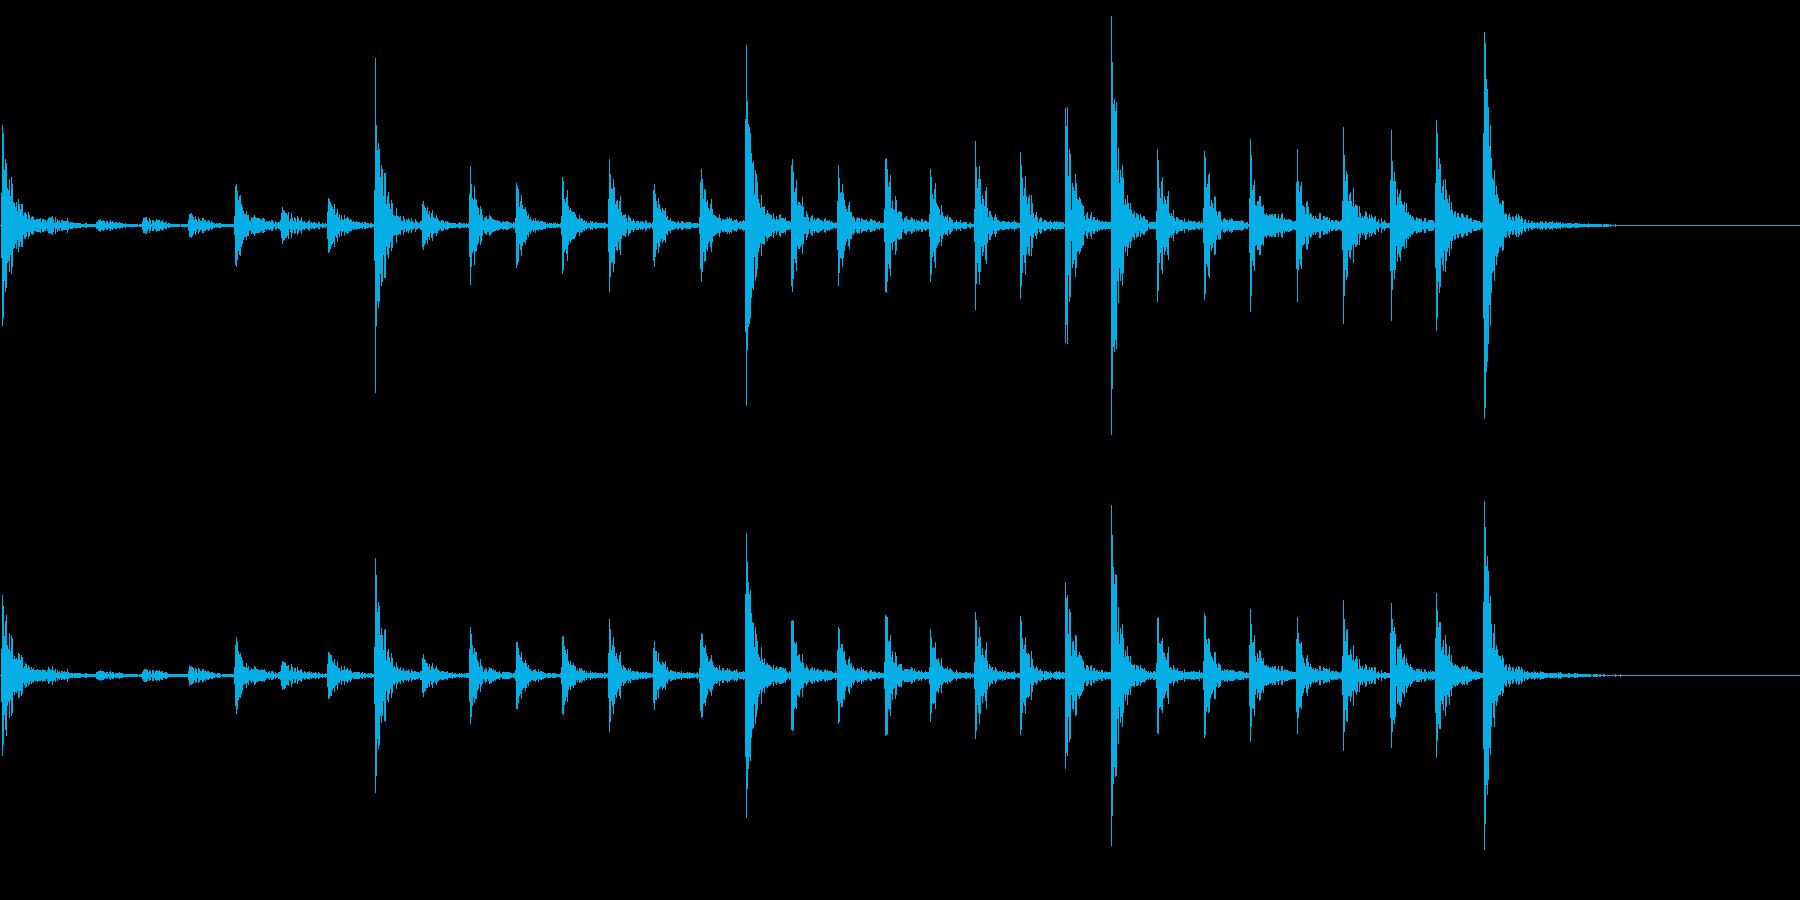 低音:遅いリズム、漫画コメディパー...の再生済みの波形